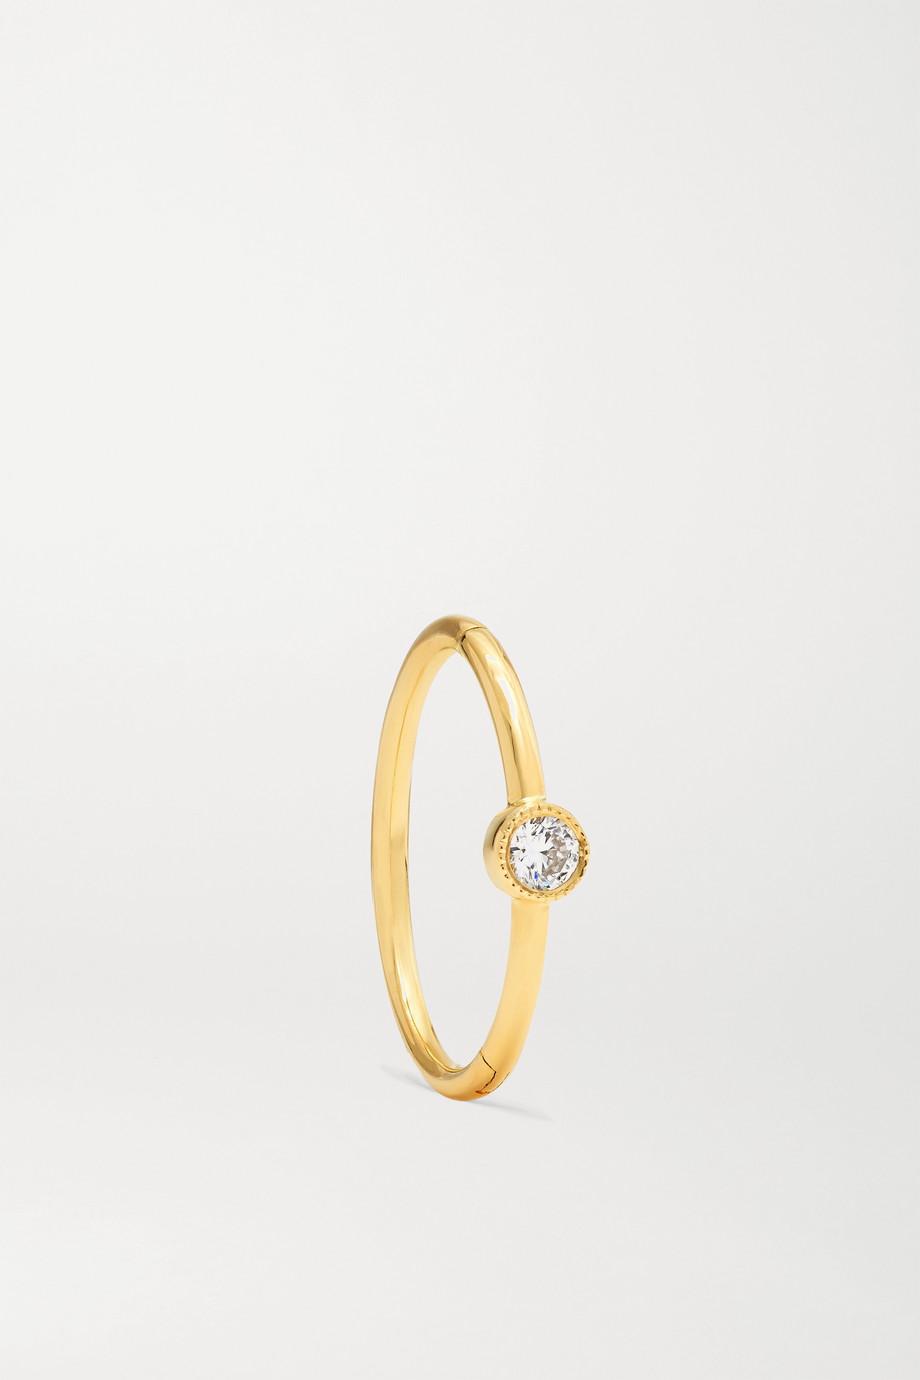 Maria Tash Boucle d'oreille en or 18 carats et diamant 11 mm